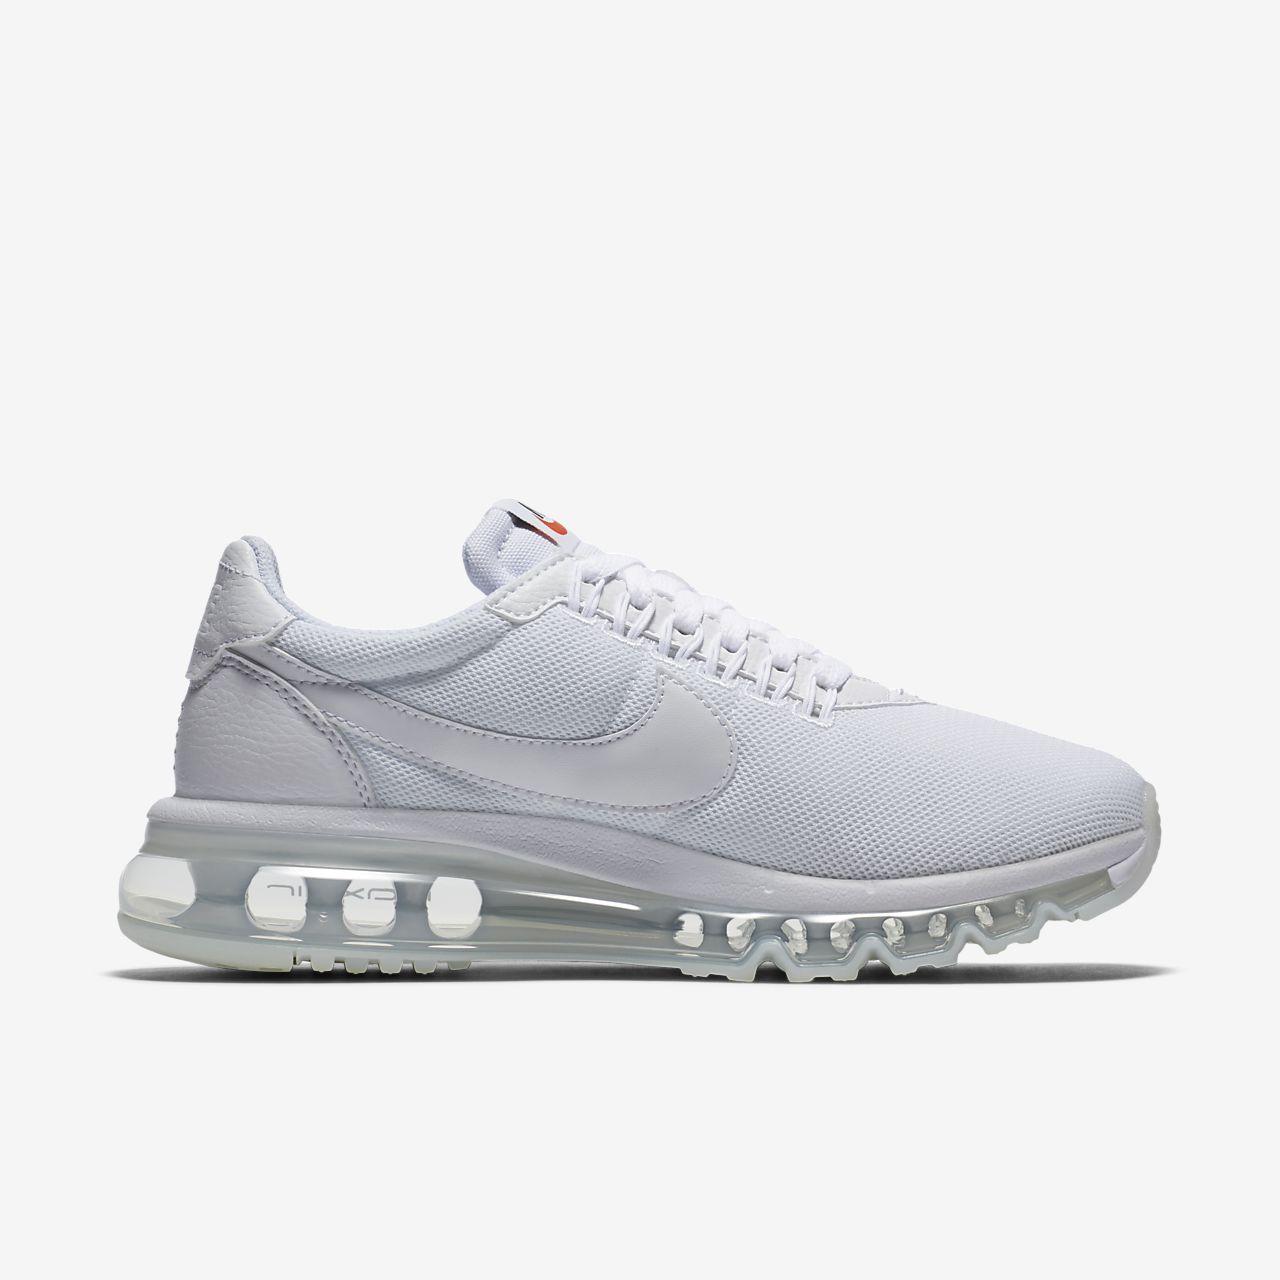 3517692fbbe92 Max FemmeCa Ld Air Nike Pour Chaussure Zero 2WHEY9DI